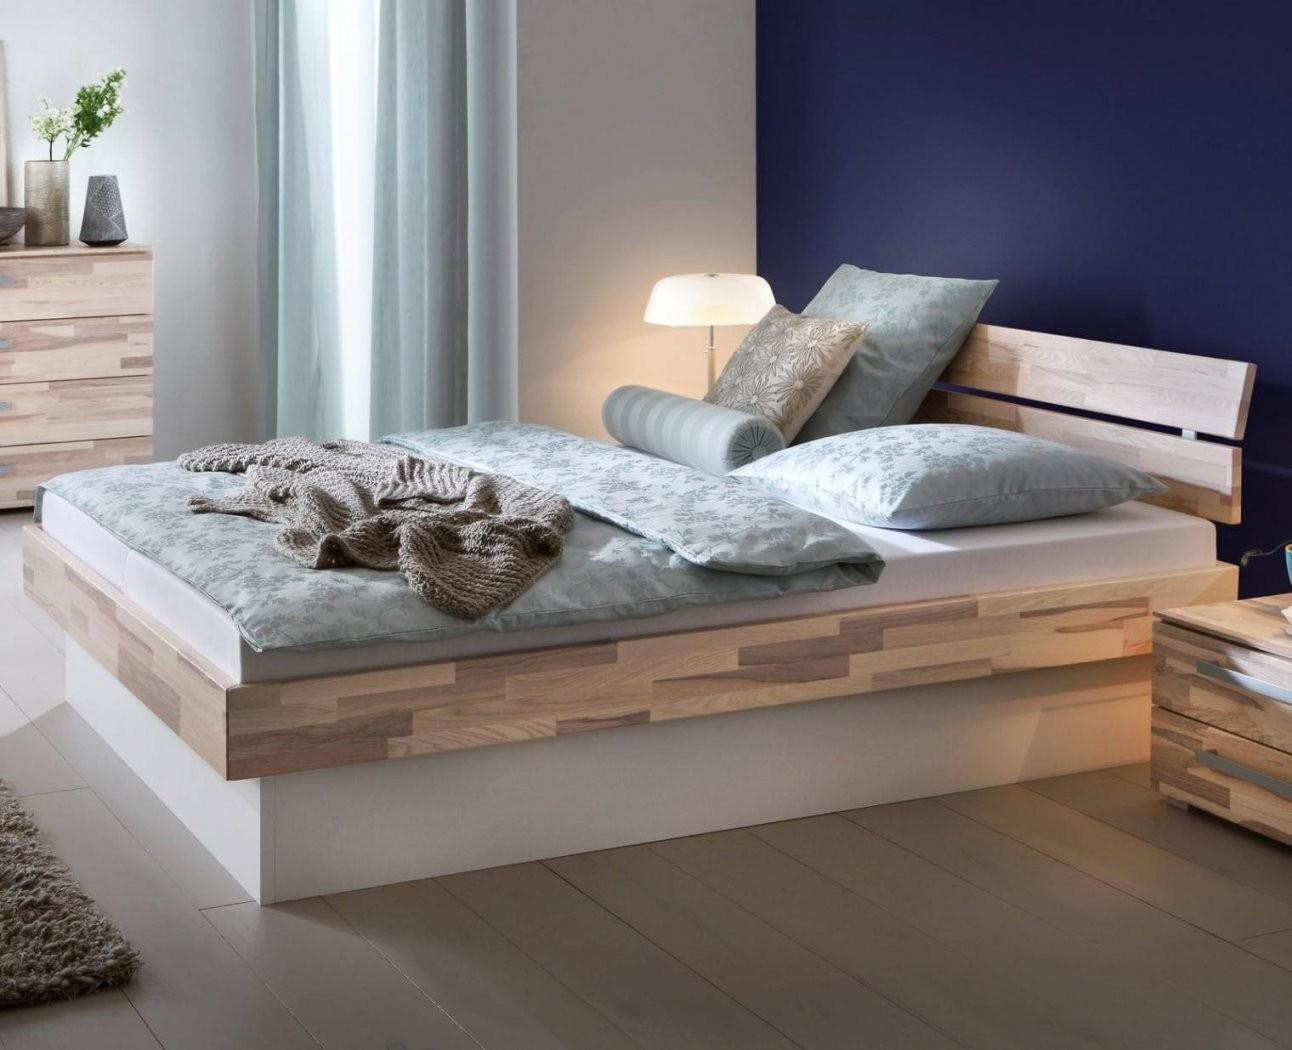 Bett Mit Bettkasten 180×200 Elegant Einzelbett Mit Stauraum Schön von Stauraum Bett 180X200 Bild